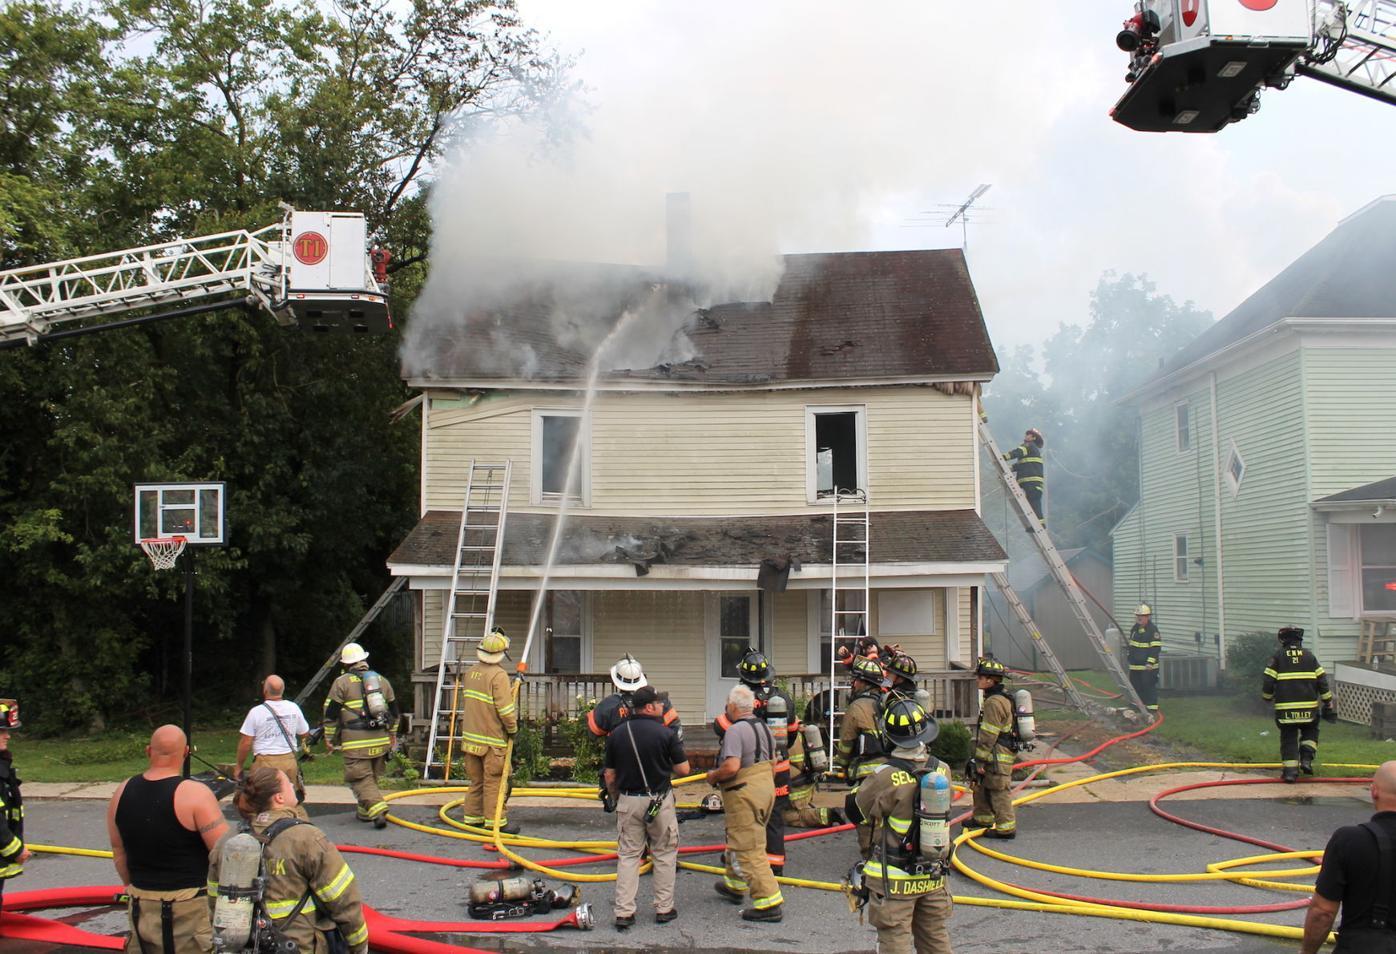 Fire fighters battle a house fire in Hurlock